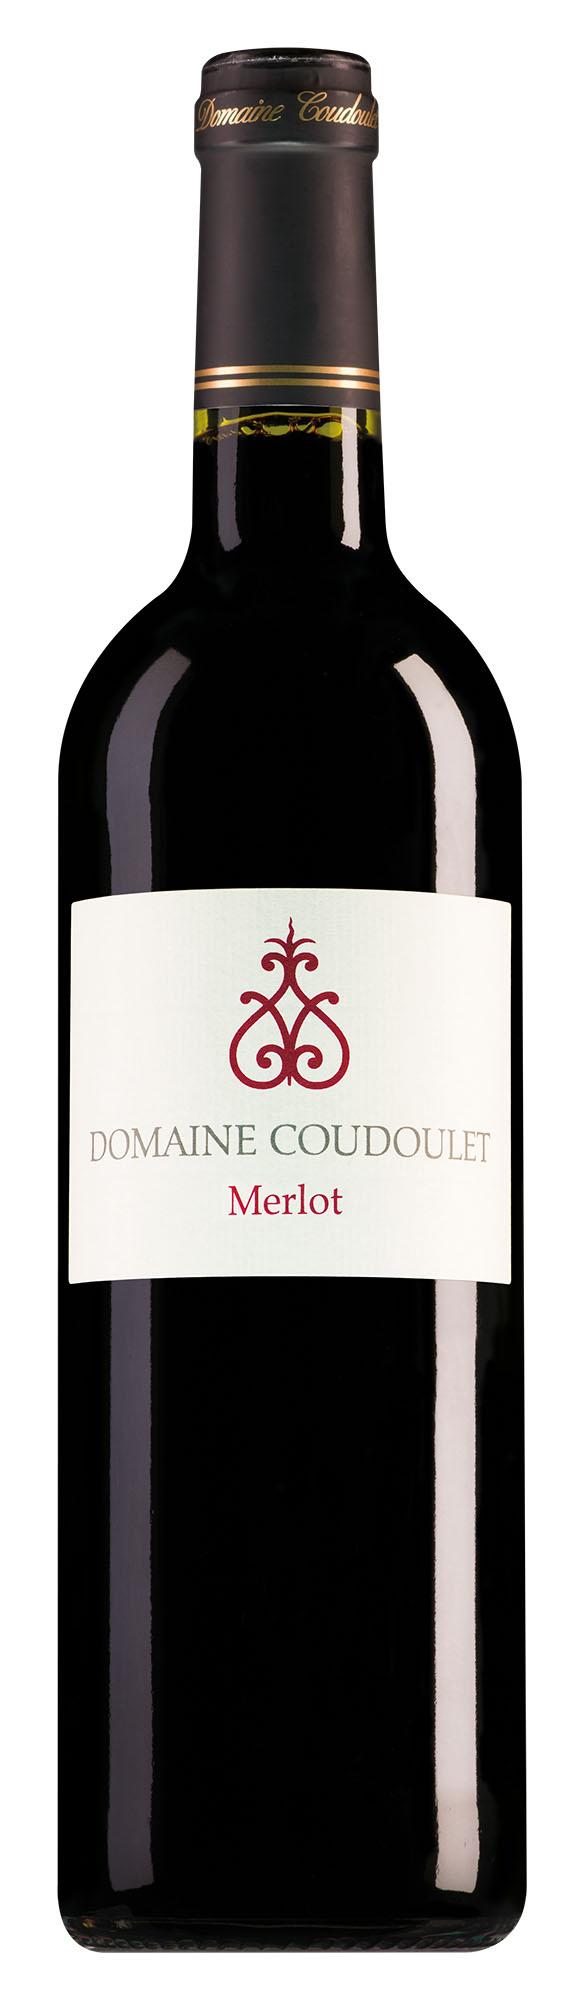 Domaine Coudoulet Pays d'Oc Merlot